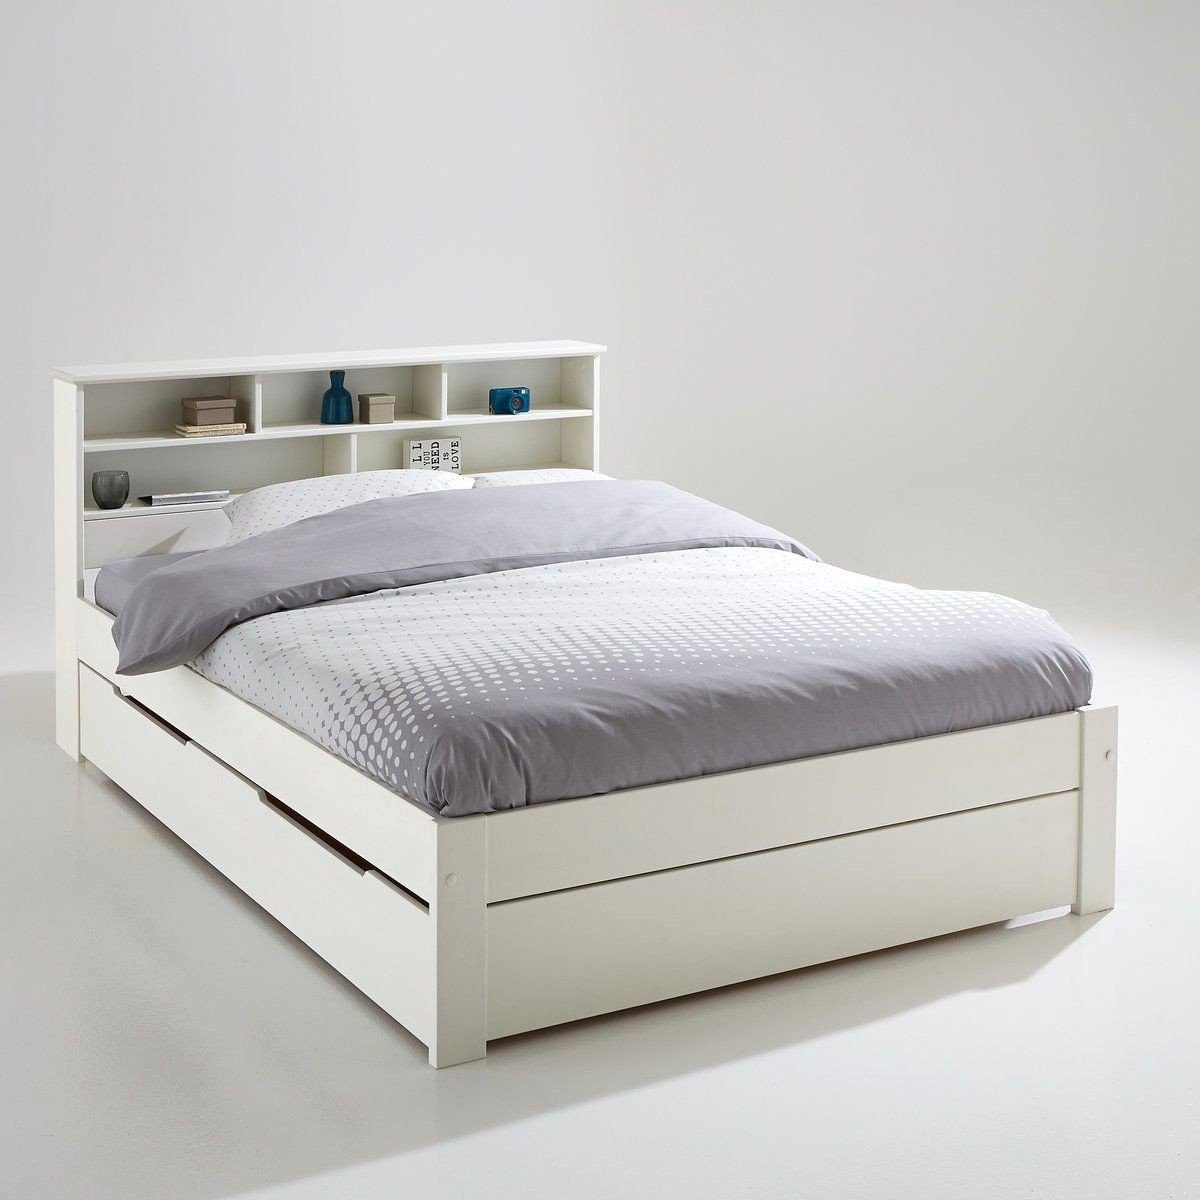 Lit Rangement Ikea Inspiré Tete De Lit 160 Gris Clair Tete De Lit Ikea 180 Fauteuil Salon Ikea